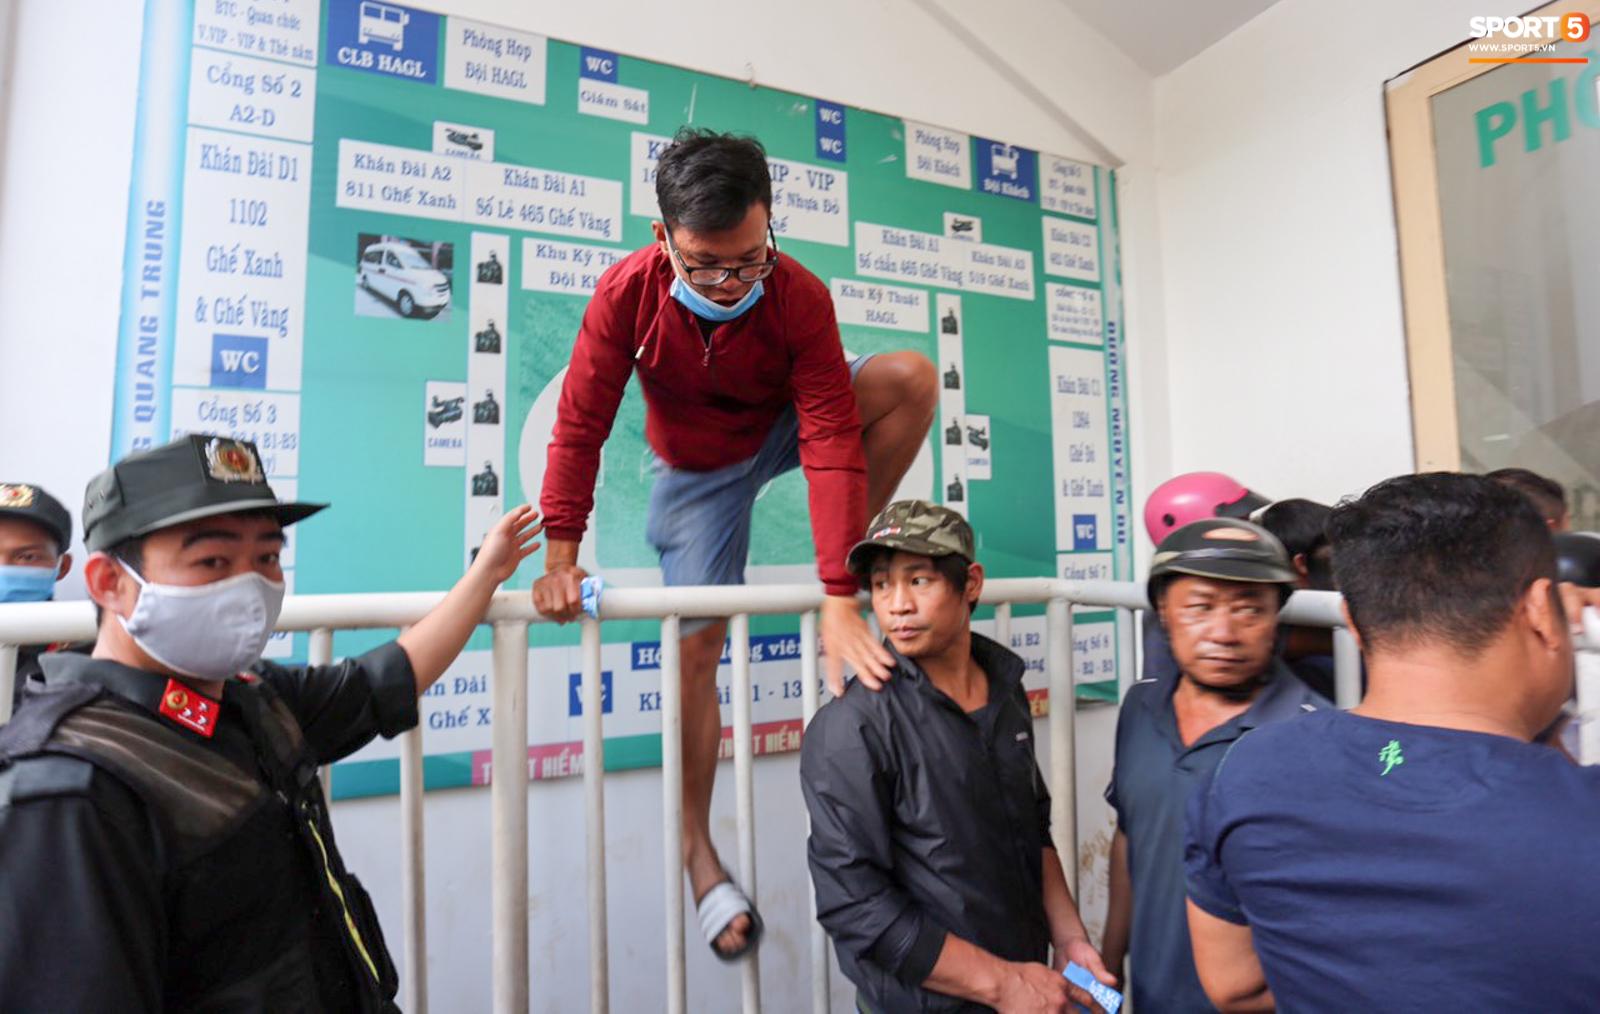 Fan Việt chen lấn mua vé xem HAGL đấu Hà Nội FC, fan Thái ghen tỵ: Khi nào nước mình mới có bầu không khí này - ảnh 2